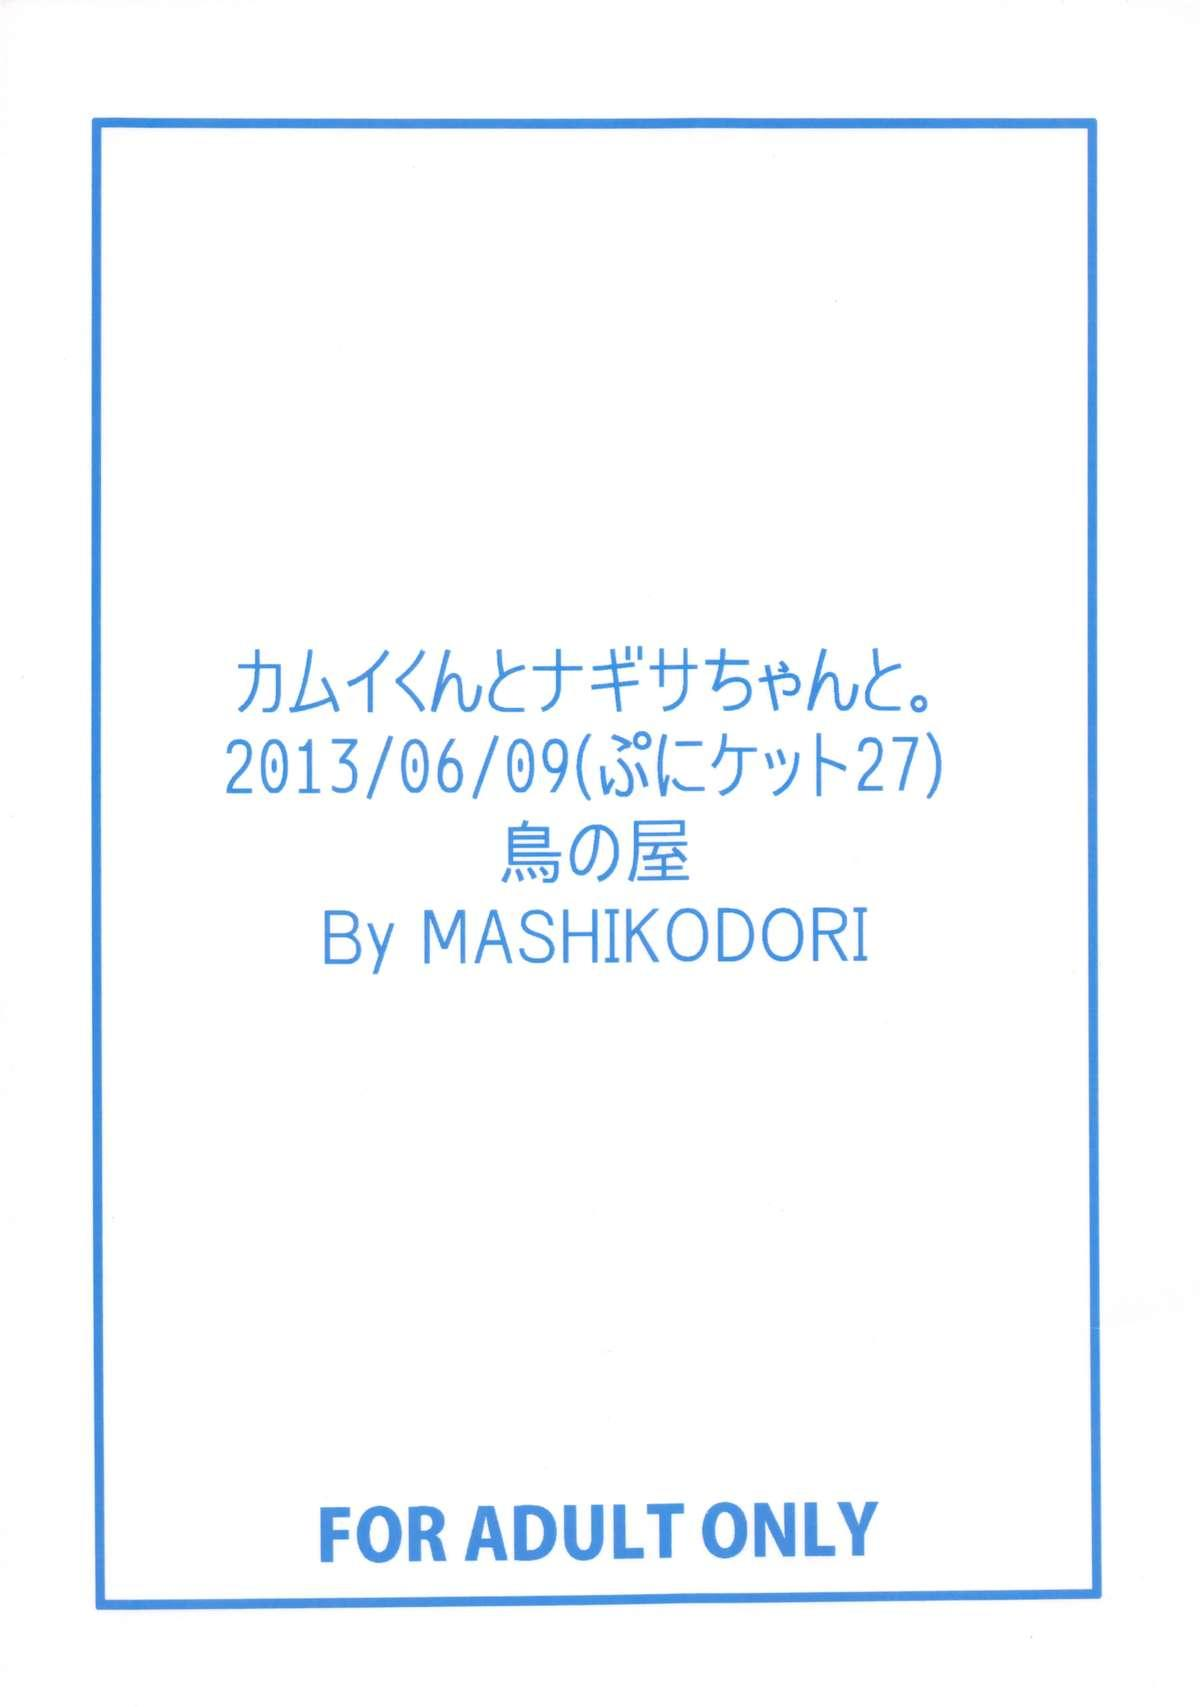 (Puniket 27) [Tori no Ya (Mashikodori)] Kamui-kun to Nagisa-chan to. (Cardfight!! Vanguard) 1